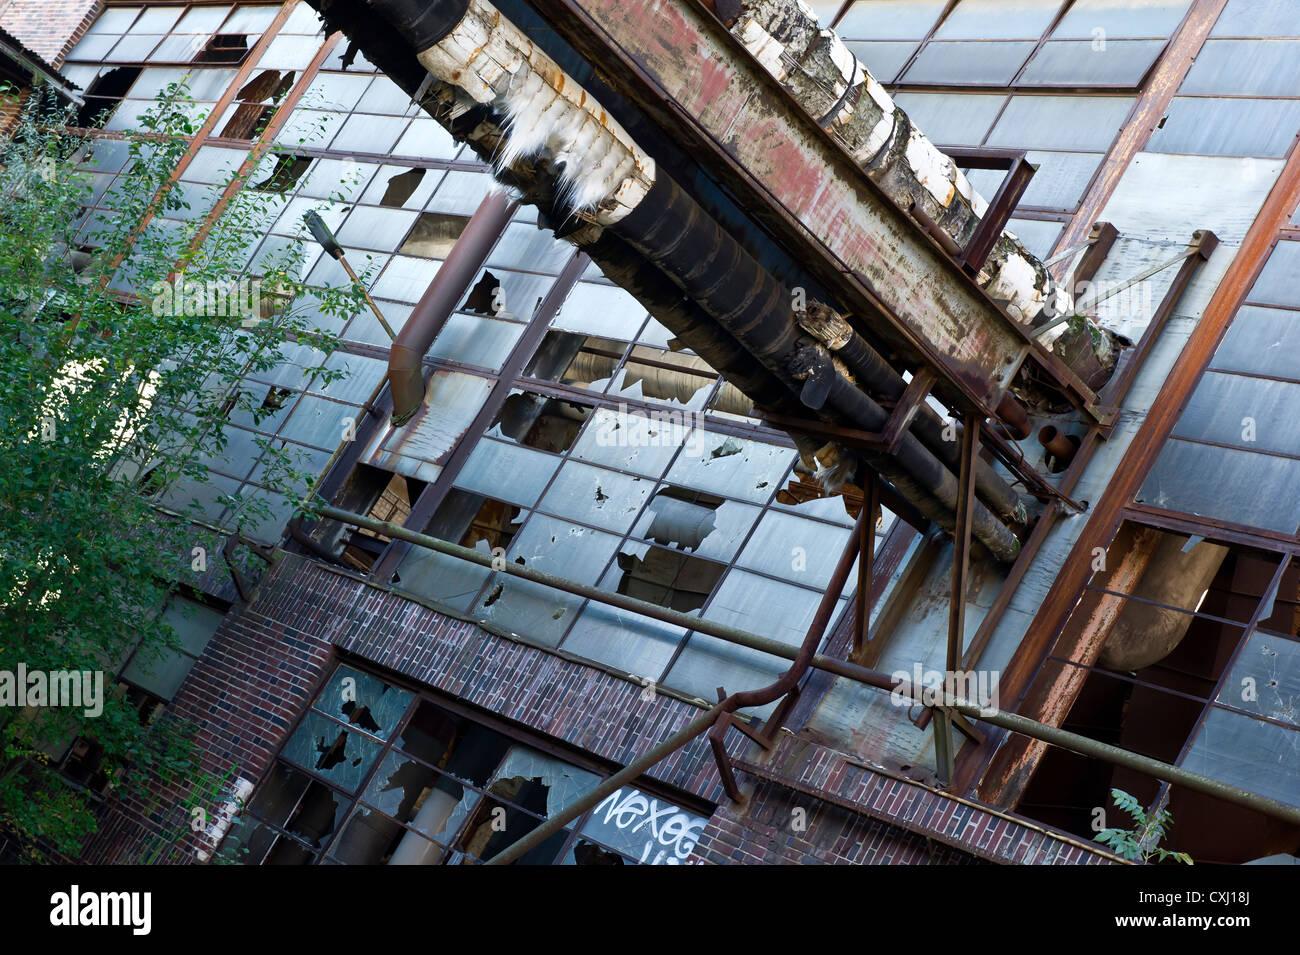 abandoned powerplant with damaged asbestos isolation - Stock Image